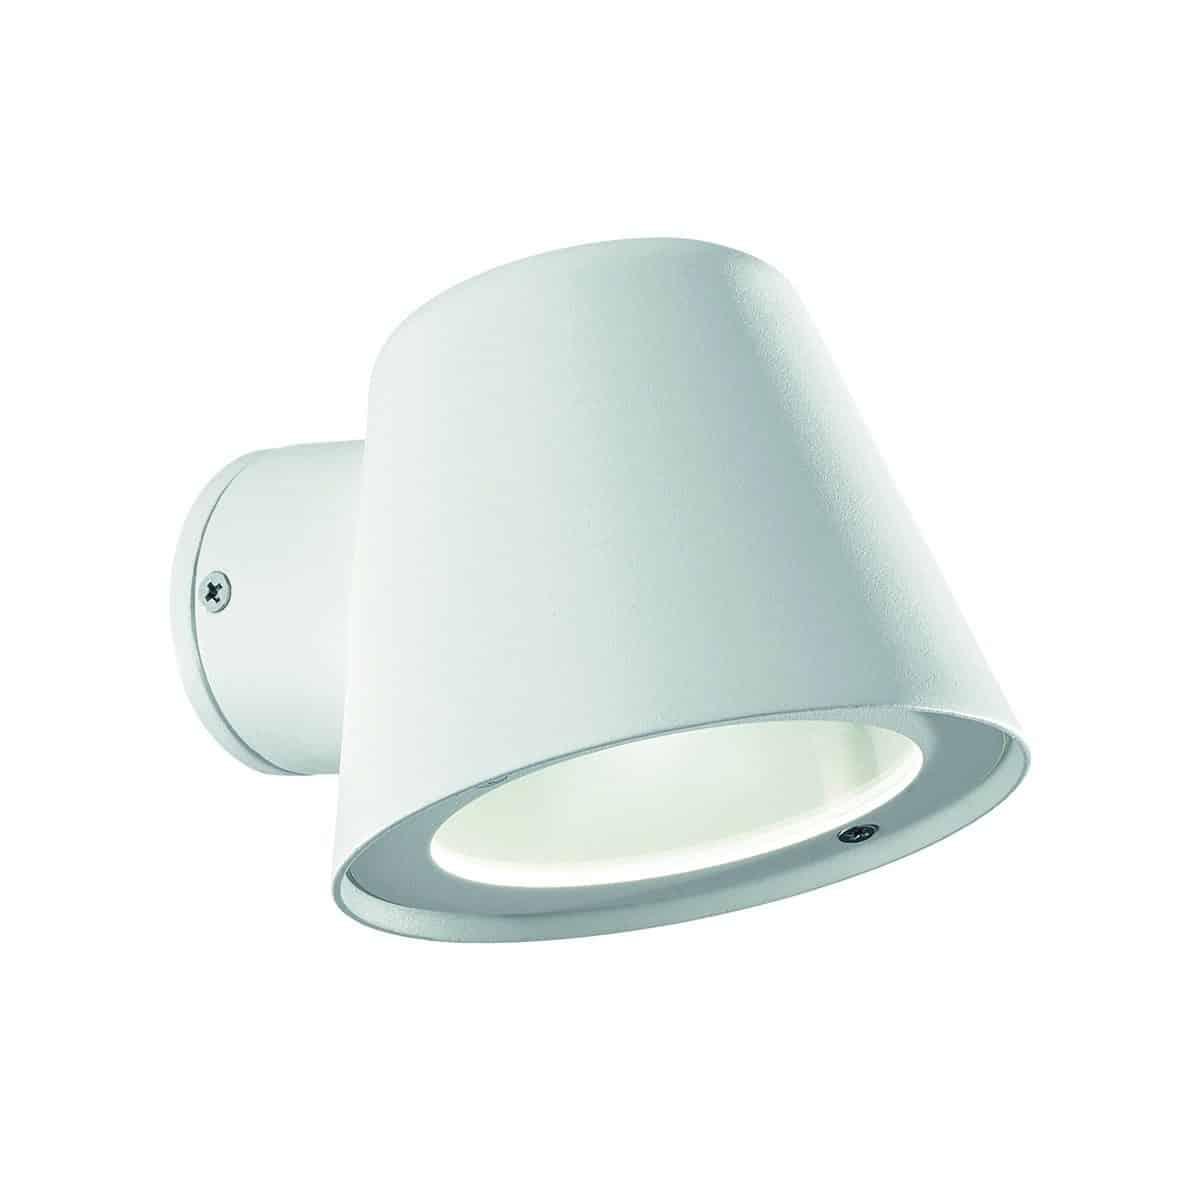 Φωτιστικό επίτοιχο εξωτερικού χώρου λευκό 091518 GAS Ideal Lux